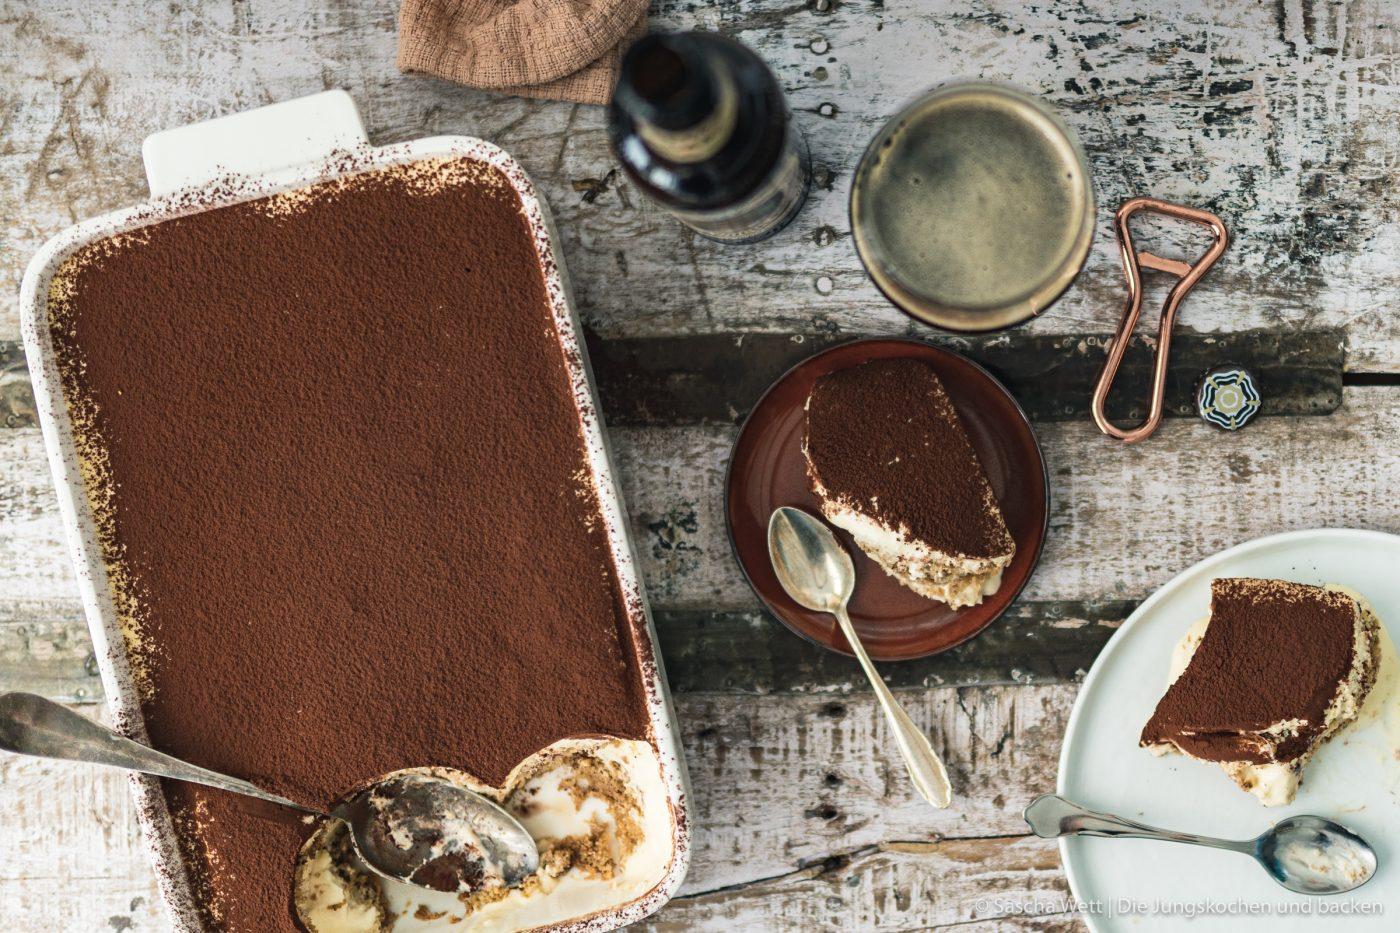 Rezept für den Dessertklassiker mit einer ganz neuen Komponente. Bierlikör und ein kräfitges Choclate Stout Bier machen dieses Tiramisu zu etwas ganz Besonderem! #tiramisu #dessert #süßspeise #bier